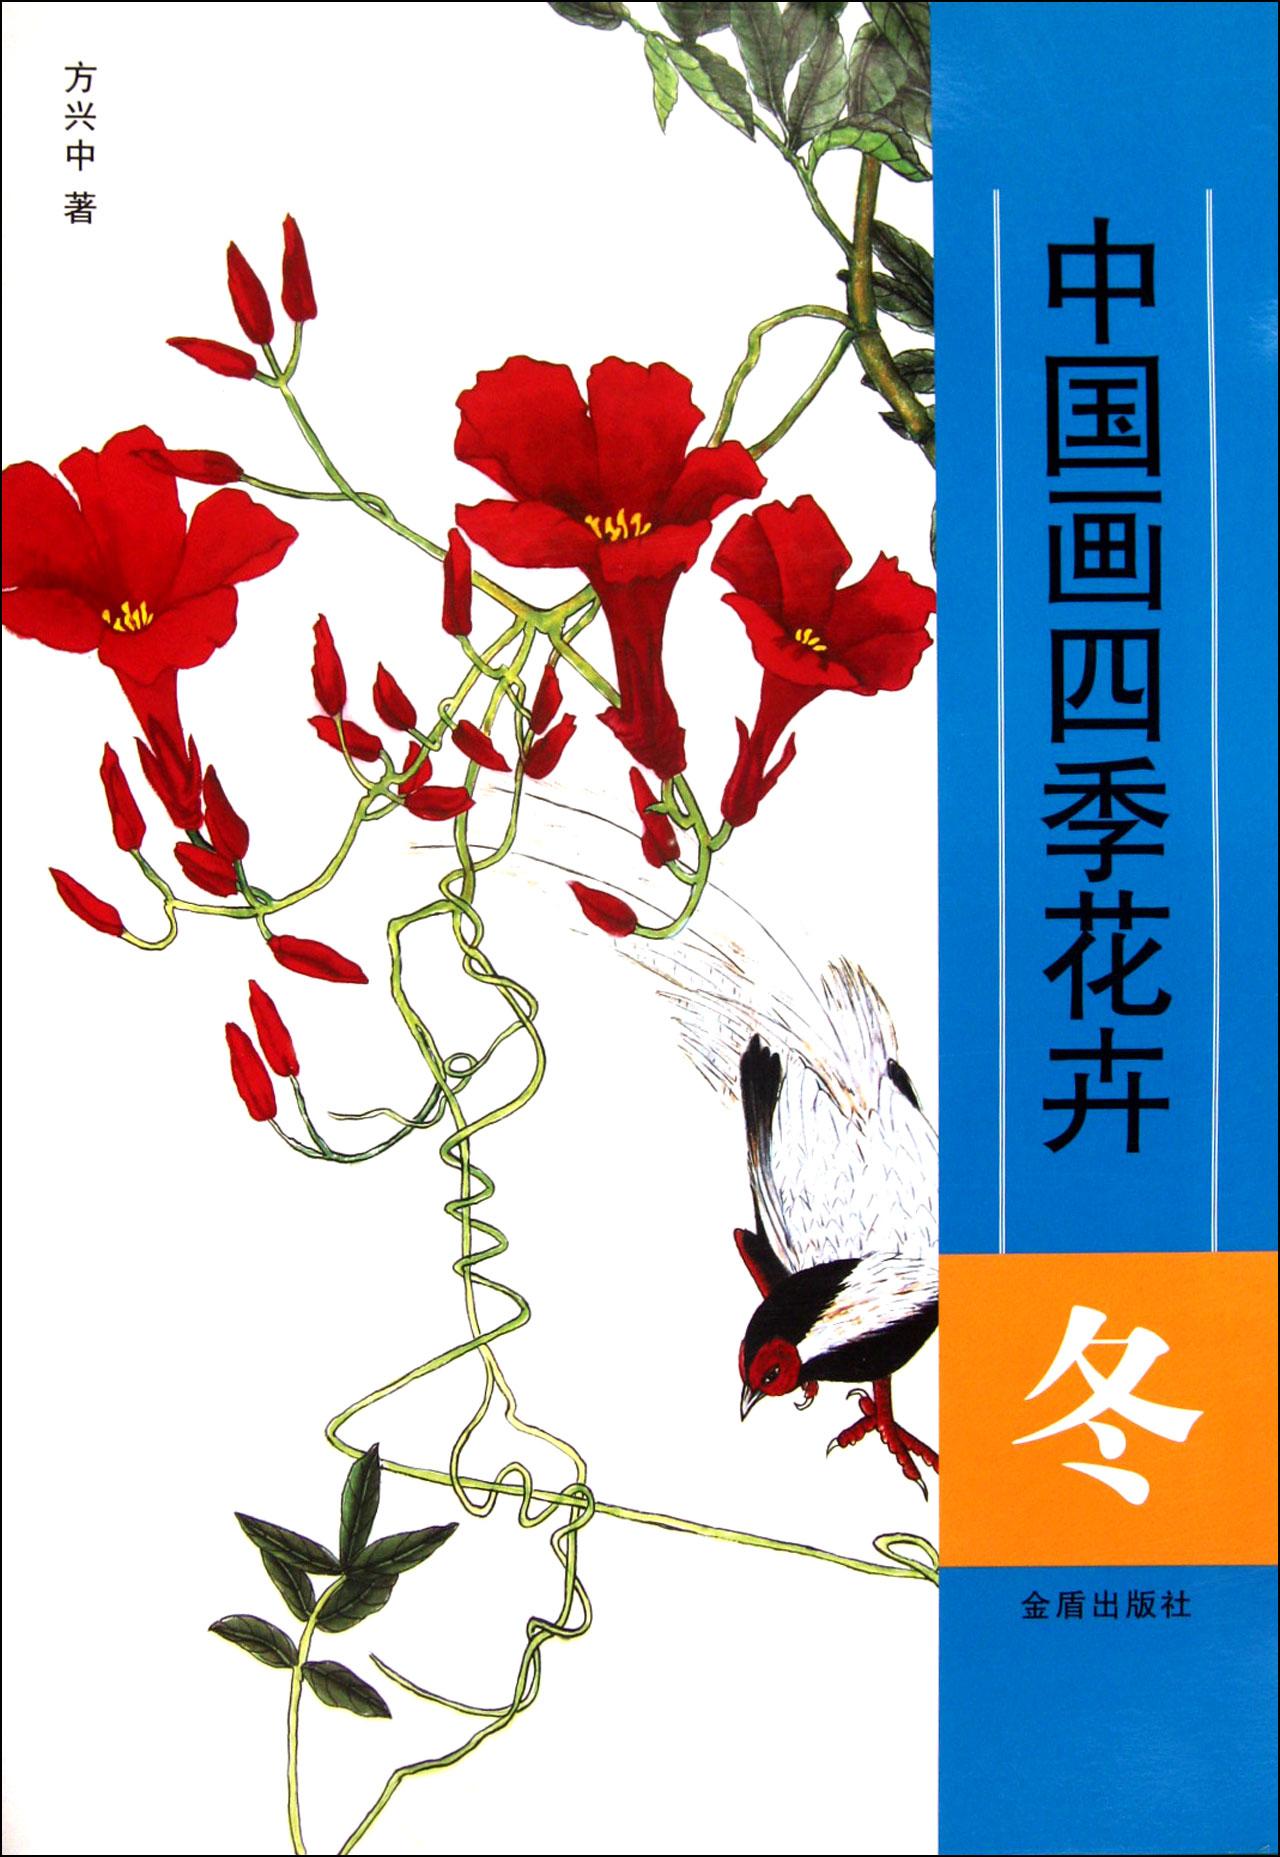 中以梅花为例,介绍画梅花的步骤,并配有仙客来,君子兰,金莲花等多幅范